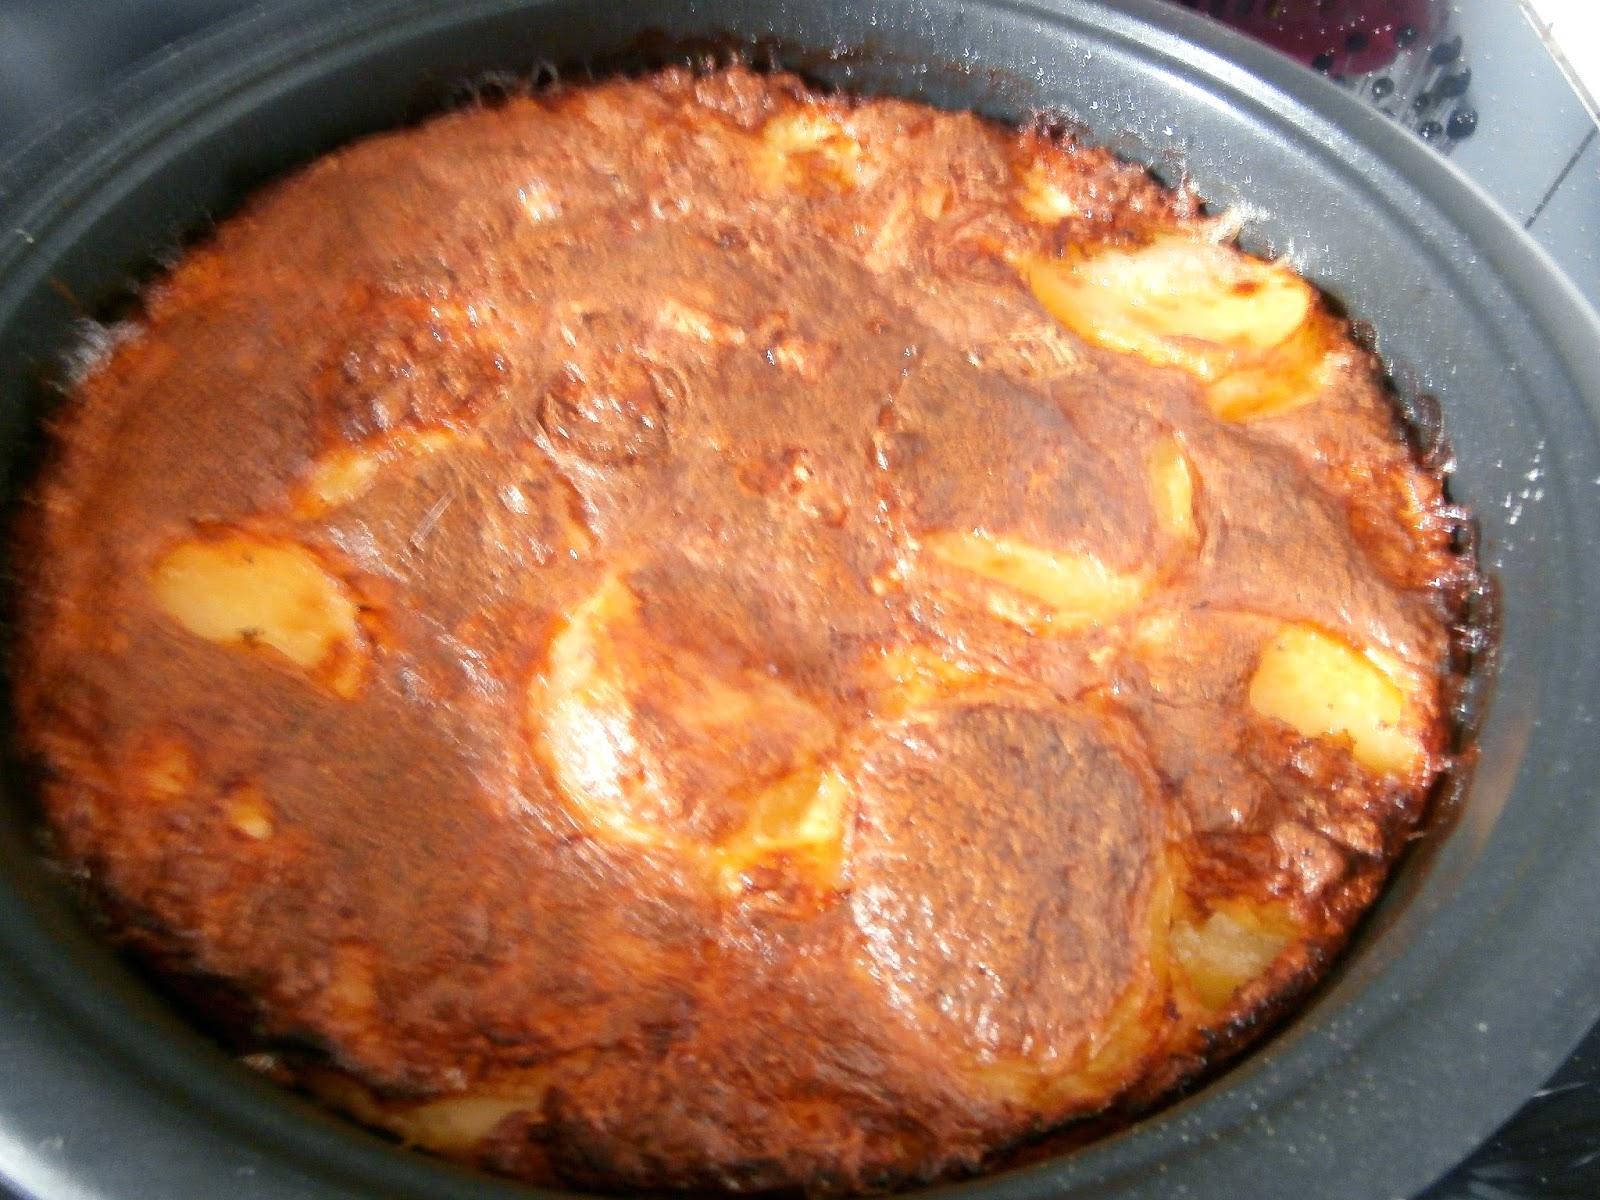 My culinary curriculum tatin de pommes de terre au brie tatin potato brie - Pomme de terre au four papier alu ...